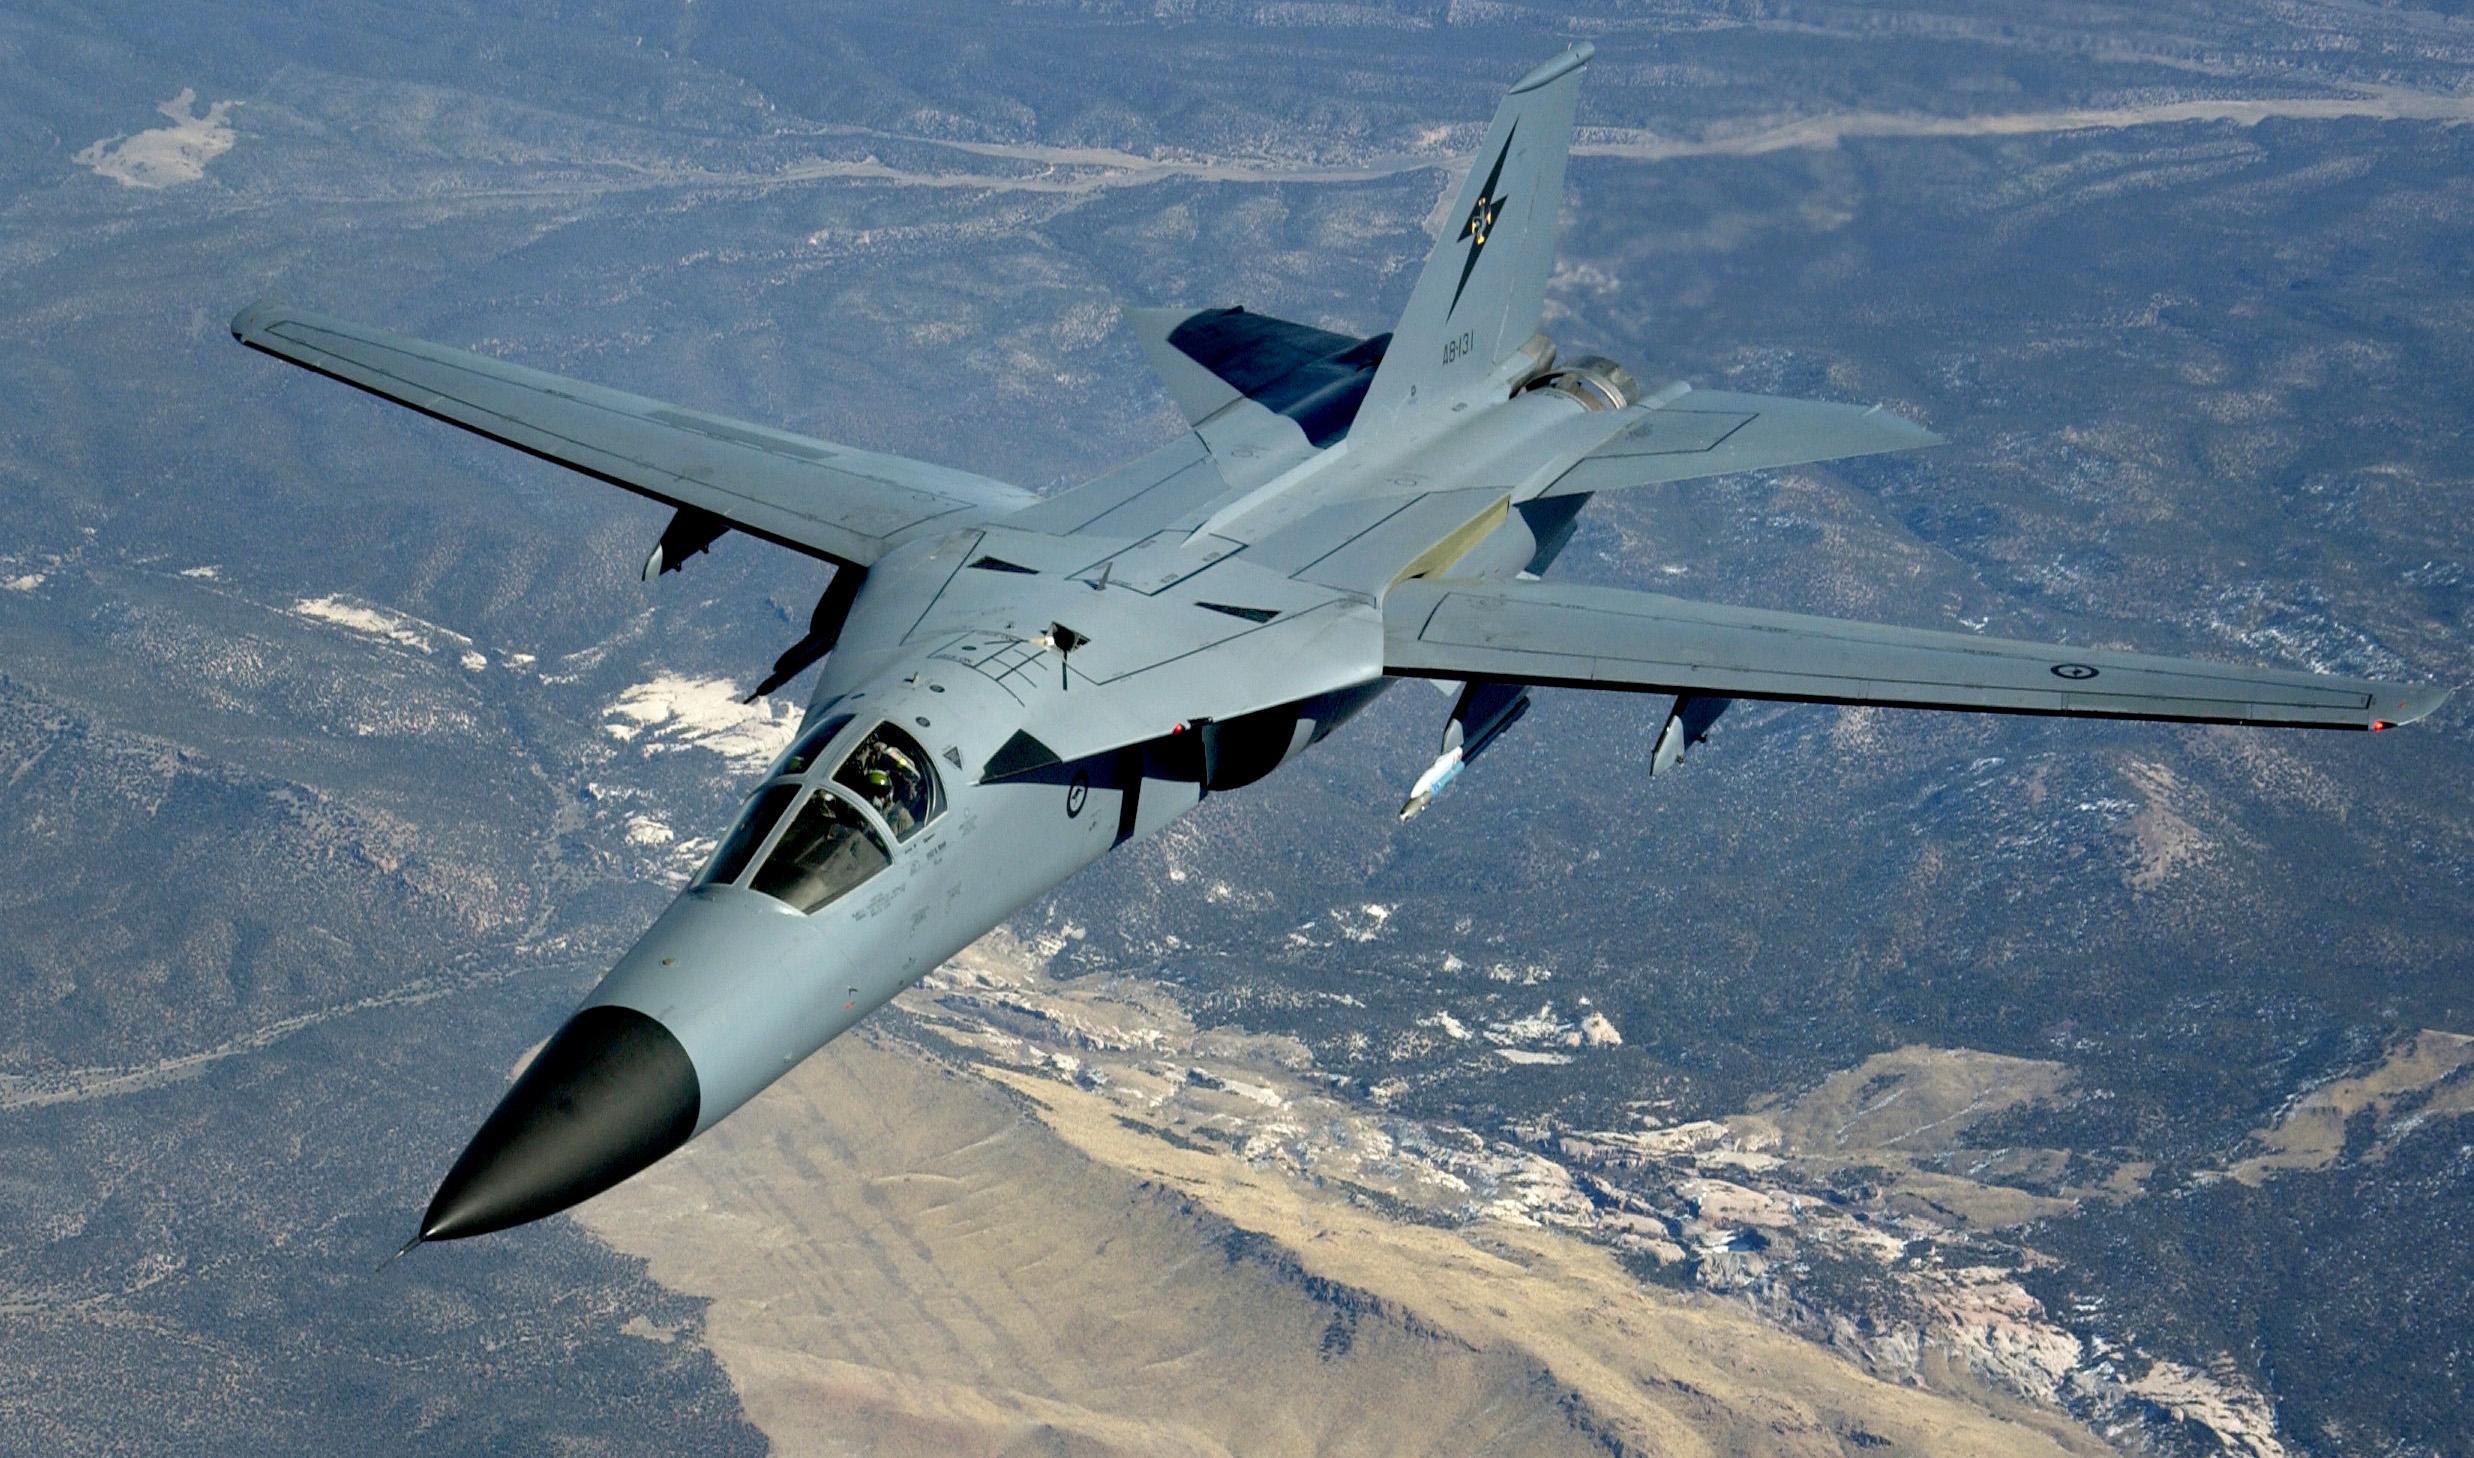 اسرع 50 طائرة في العالم RAAF_F111